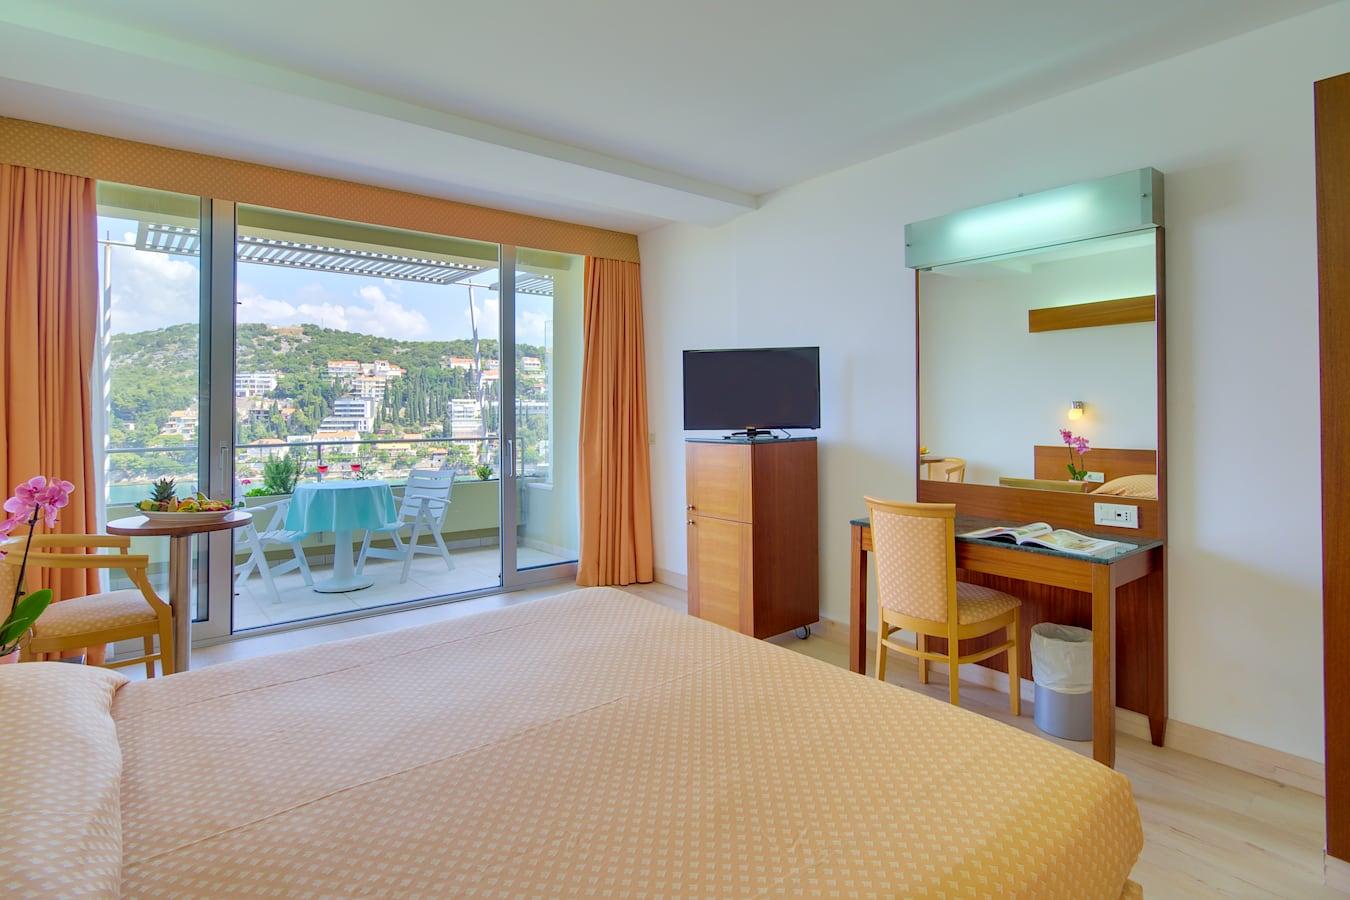 uvala-hotel-double-room-balcony-seaview.jpg